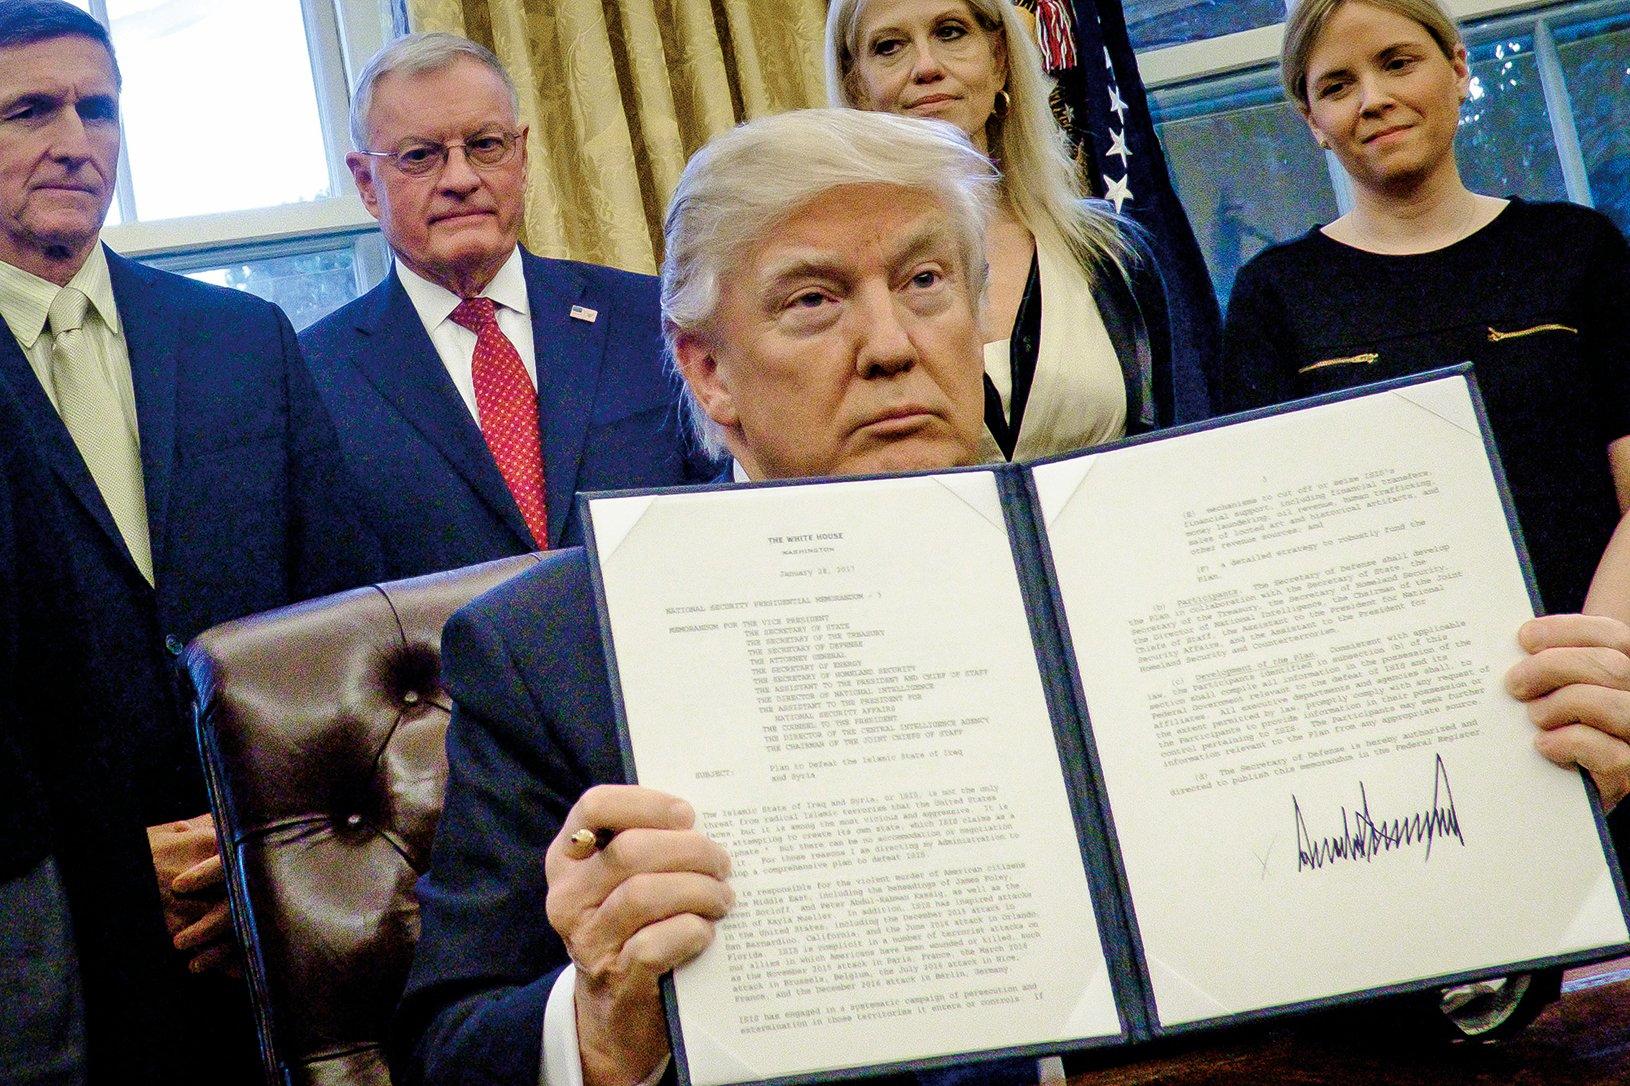 美總統特朗普12月21日發佈全球人權侵犯者和腐敗者制裁名單,北京警察學院黨委書記高岩榜上有名。(Getty Images)